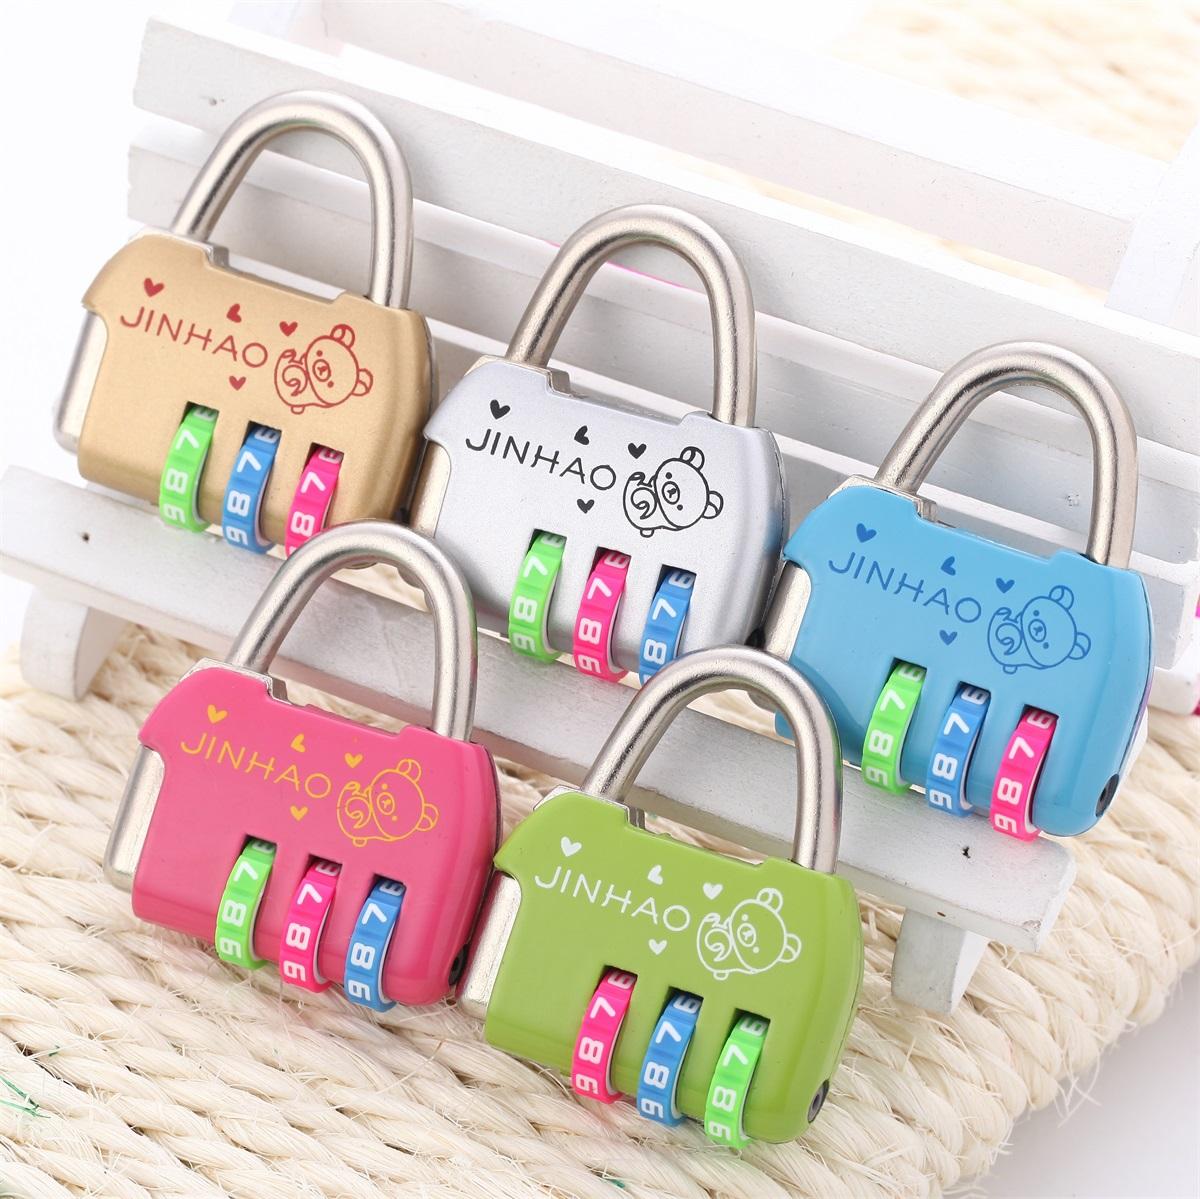 小可爱密码锁文具箱包日记本书柜书包旅行包小号密码